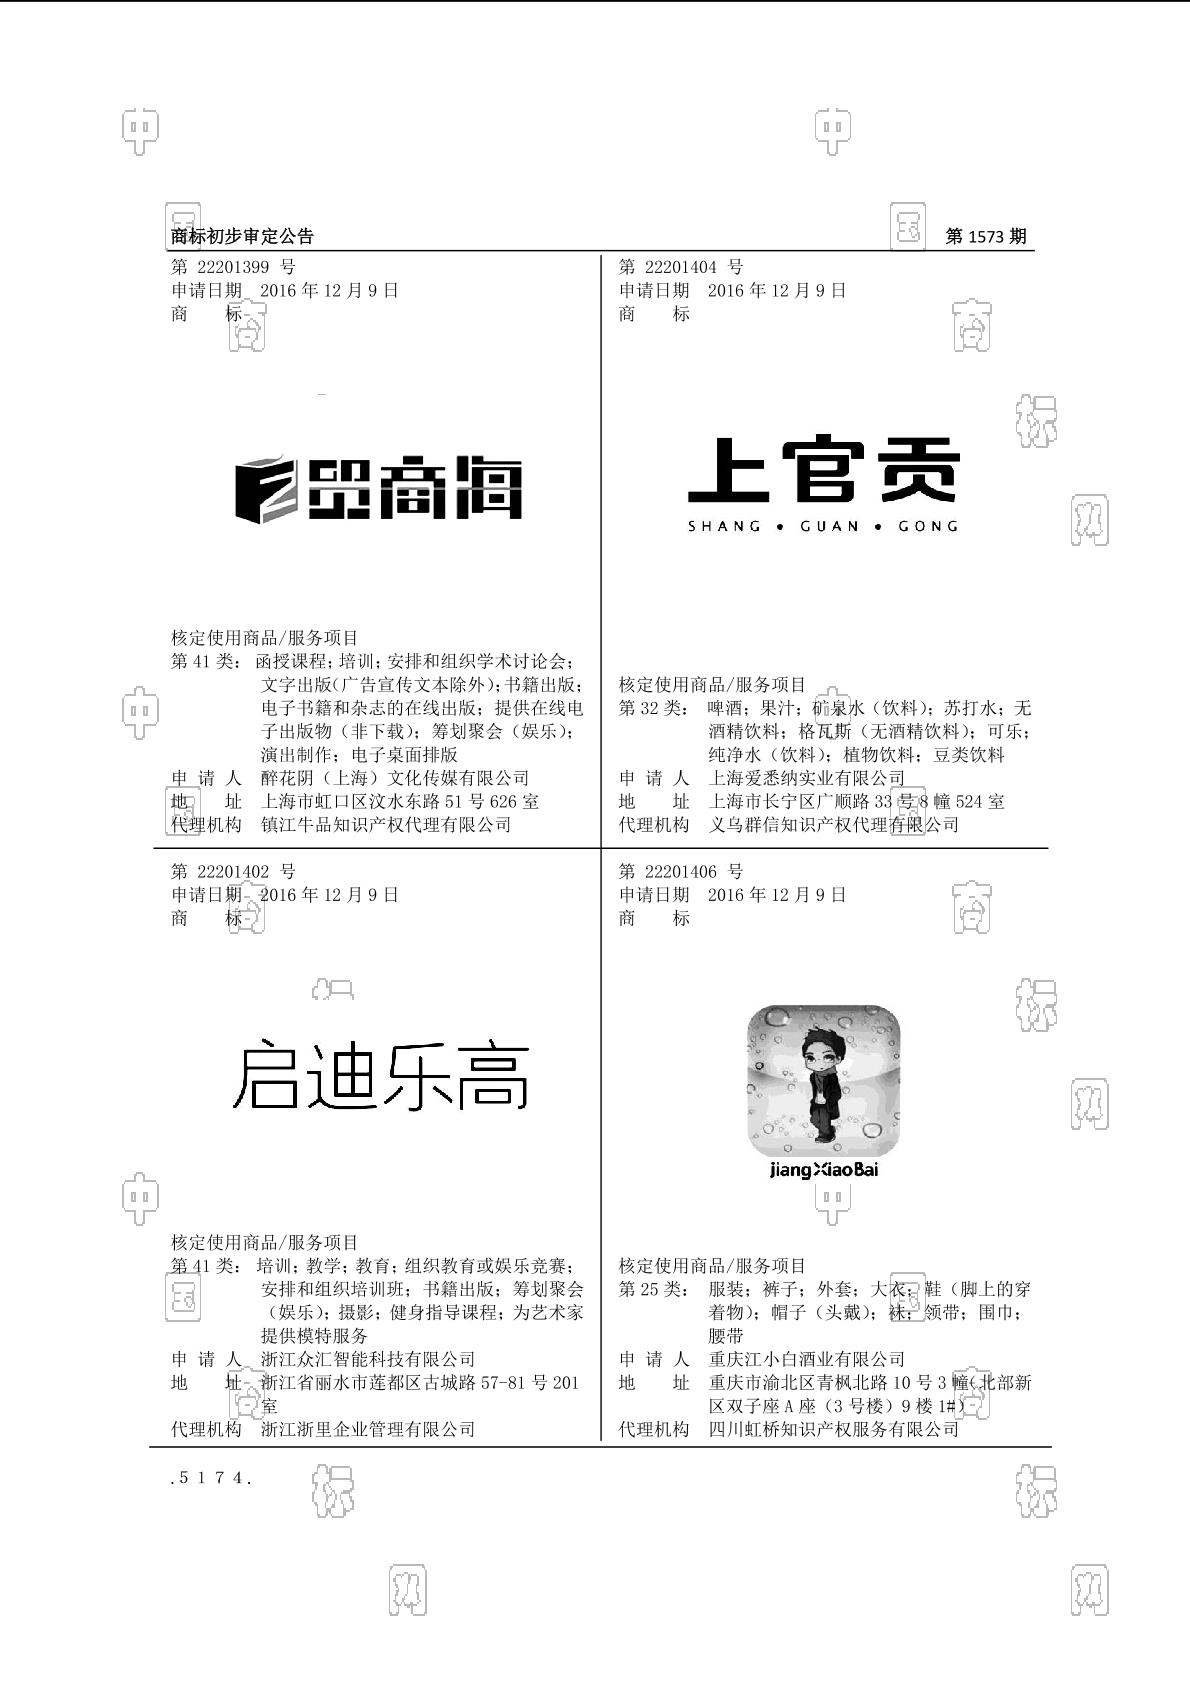 【社标网】JIANGXIAOBAI商标状态注册号信息 重庆江小白酒业有限公司商标信息-商标查询